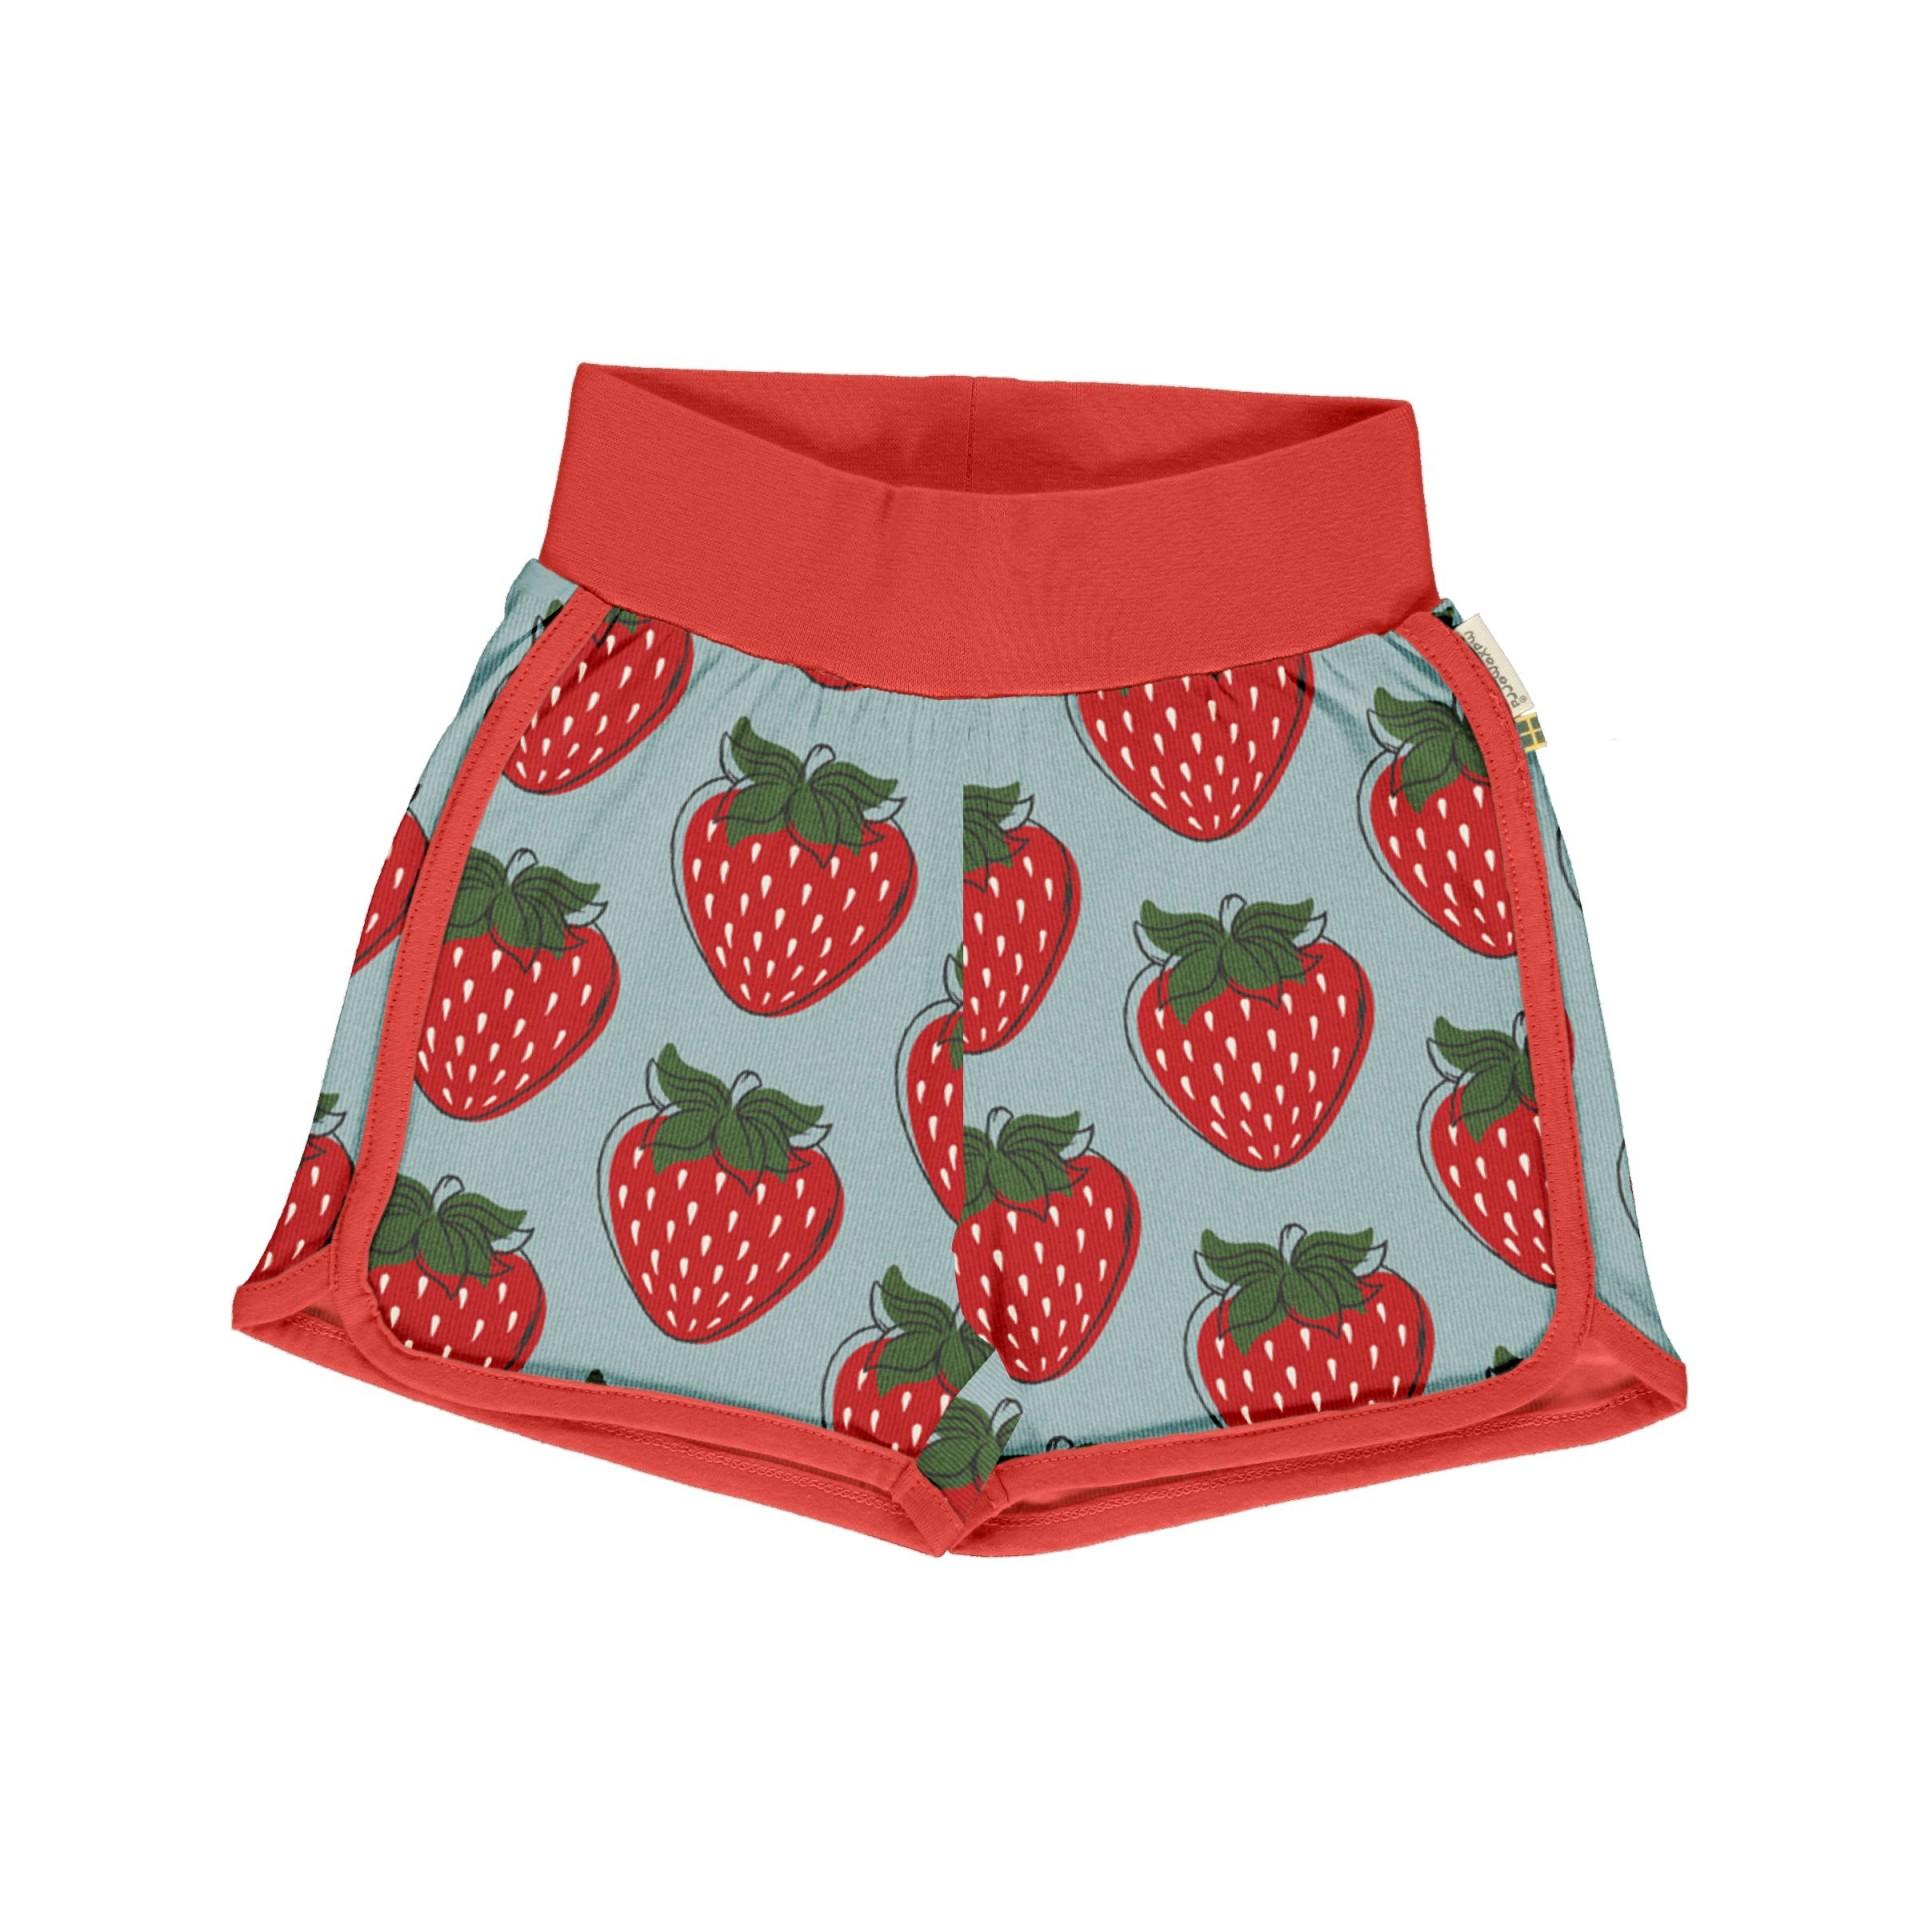 Calções Strawberry Maxomorra (Tamanhos disponíveis 9-12m)